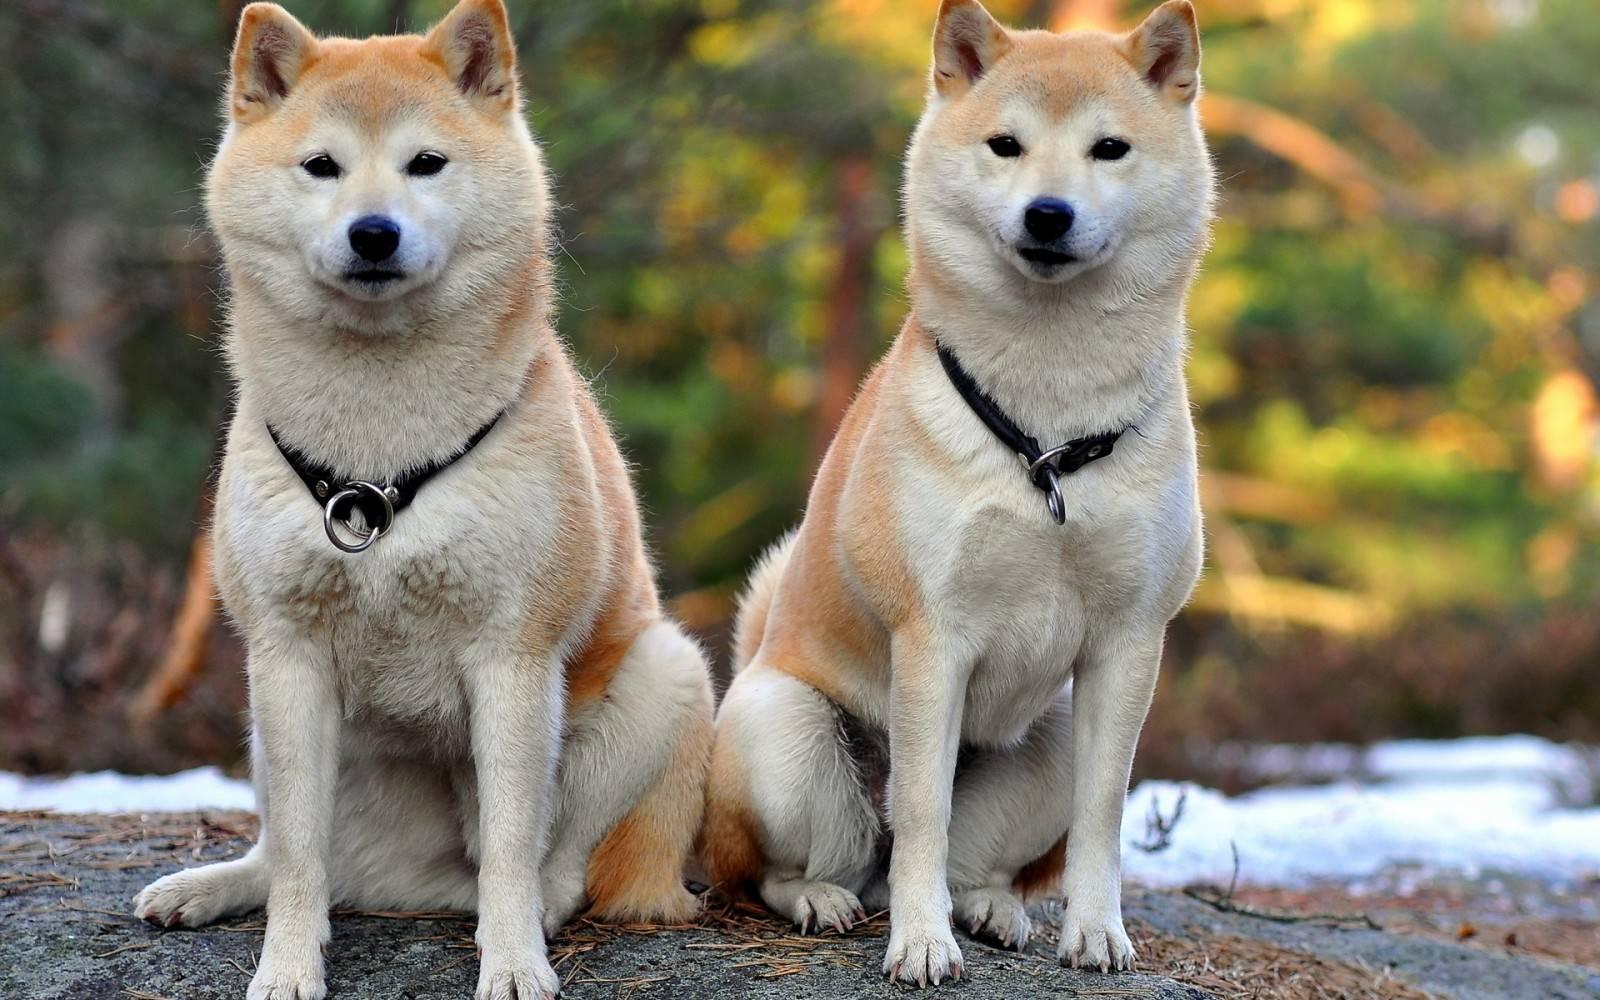 Хаски (81 фото): описание щенков данной породы собак, разновидности и стандарты. как выбрать хаски для дома? отзывы владельцев